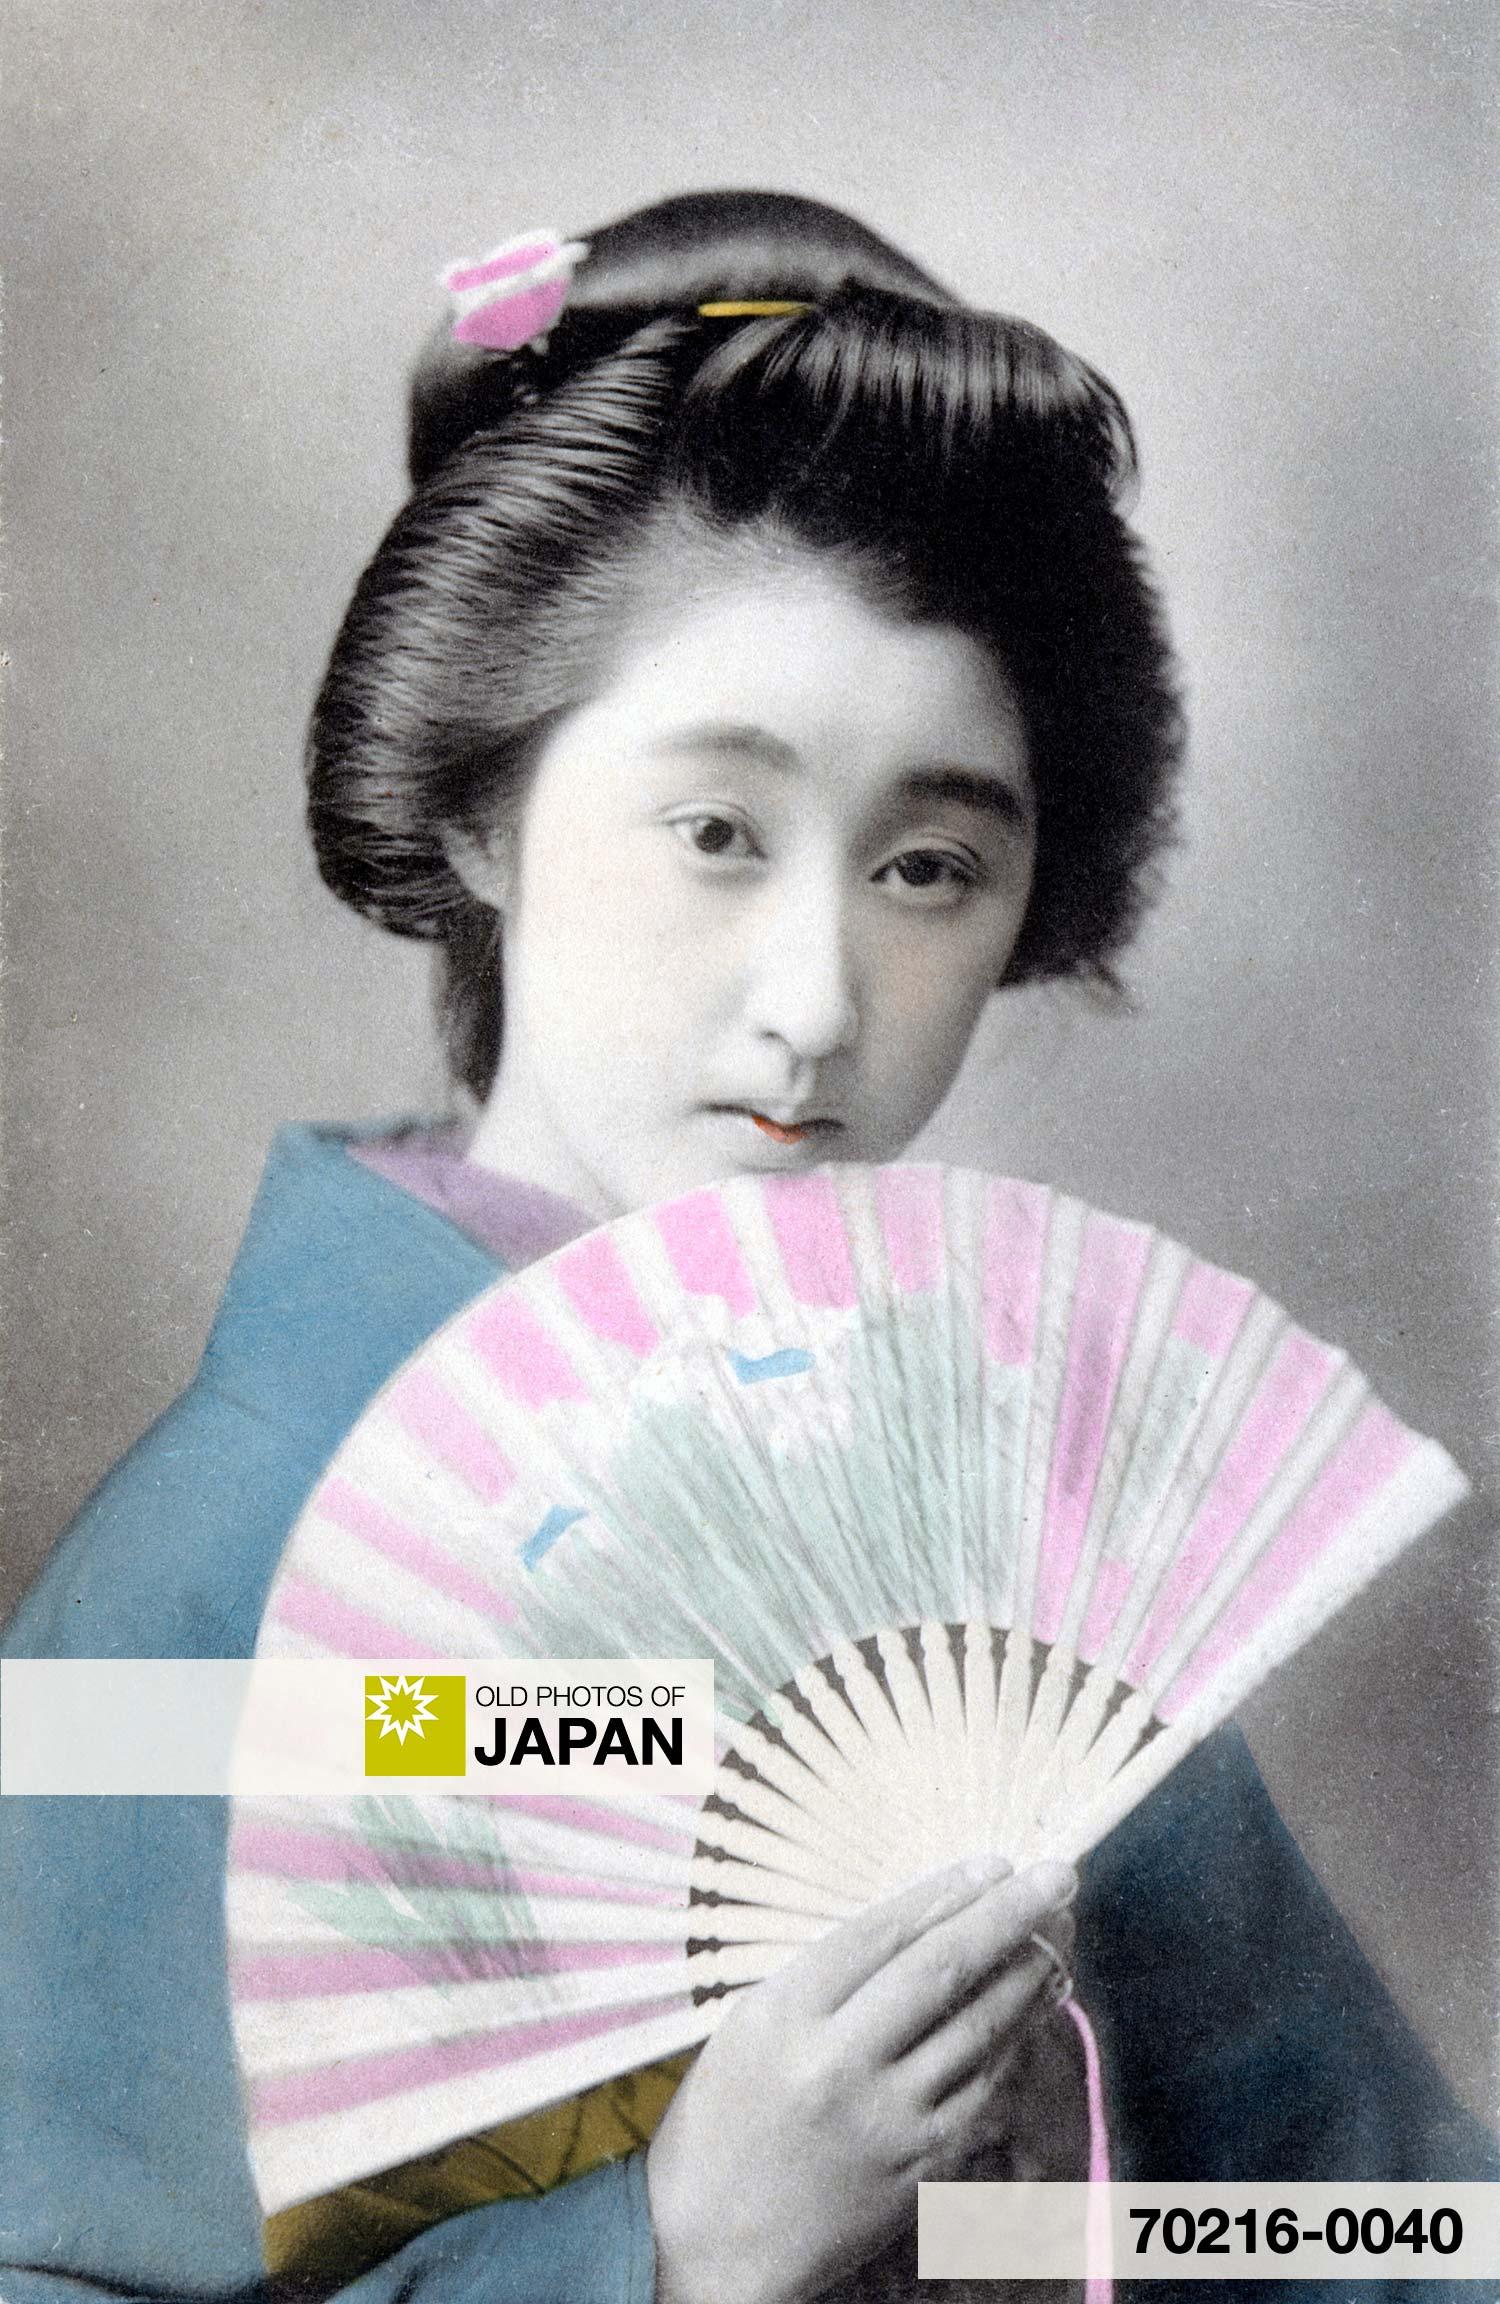 Japanese Woman in Kimono Holding a Fan